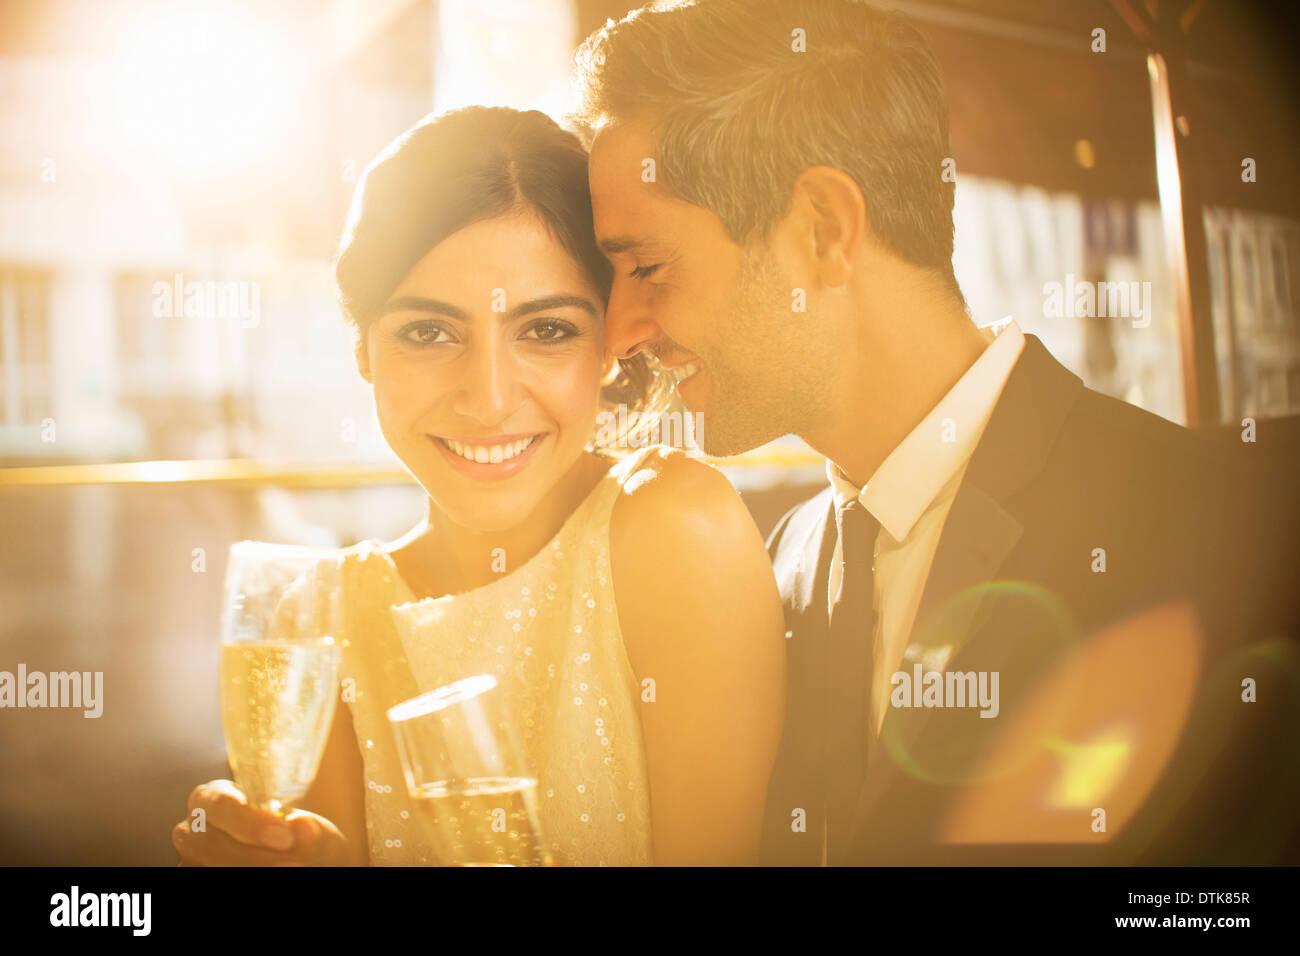 Paar beim Champagner zusammen Stockbild